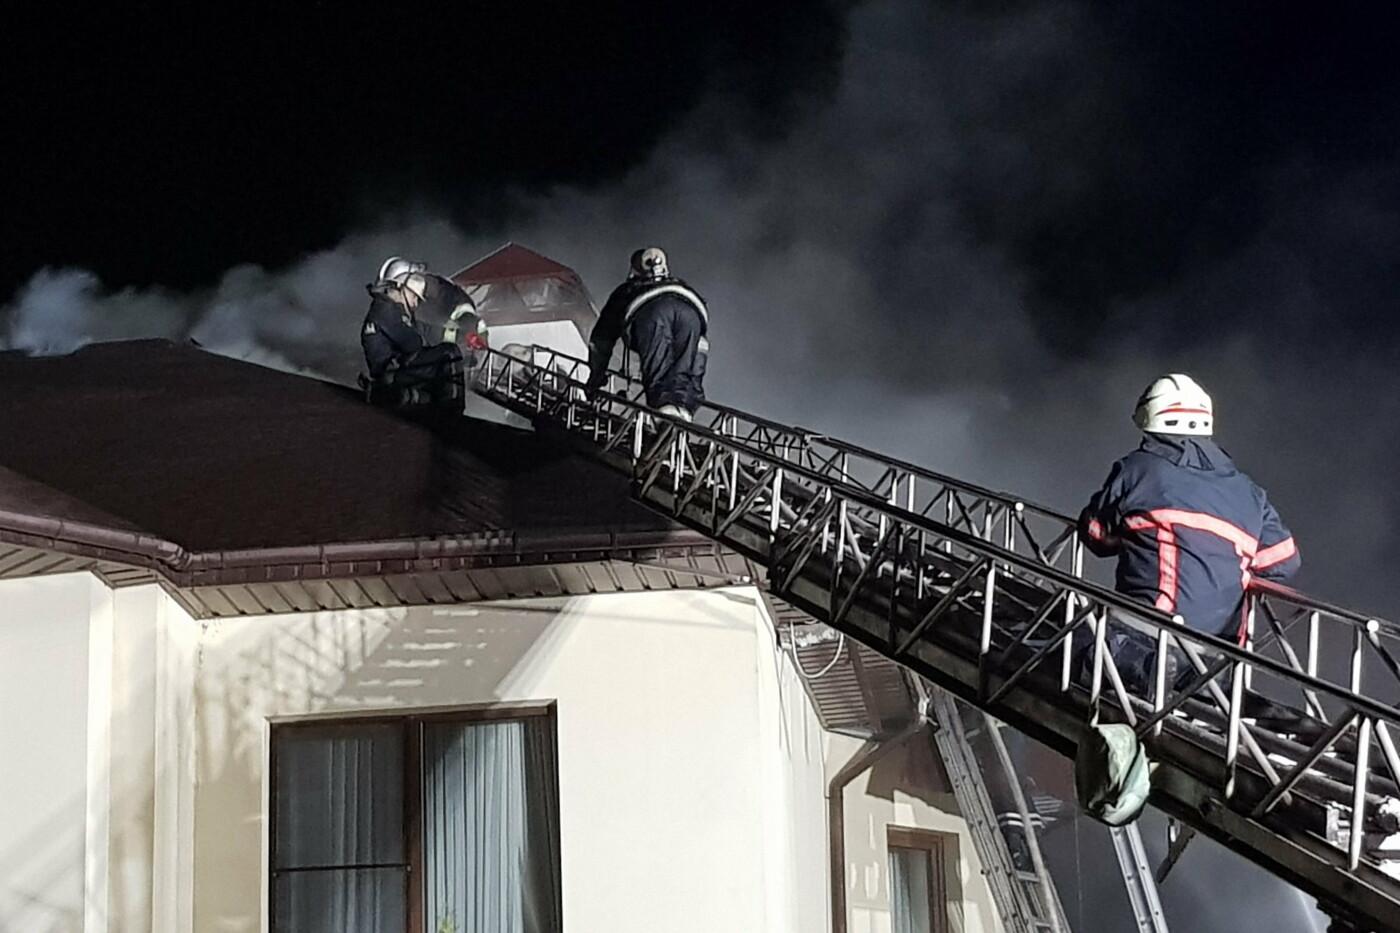 Под Харьковом случился масштабный пожар в двухэтажном коттедже: есть пострадавший, - ФОТО, ВИДЕО, фото-3